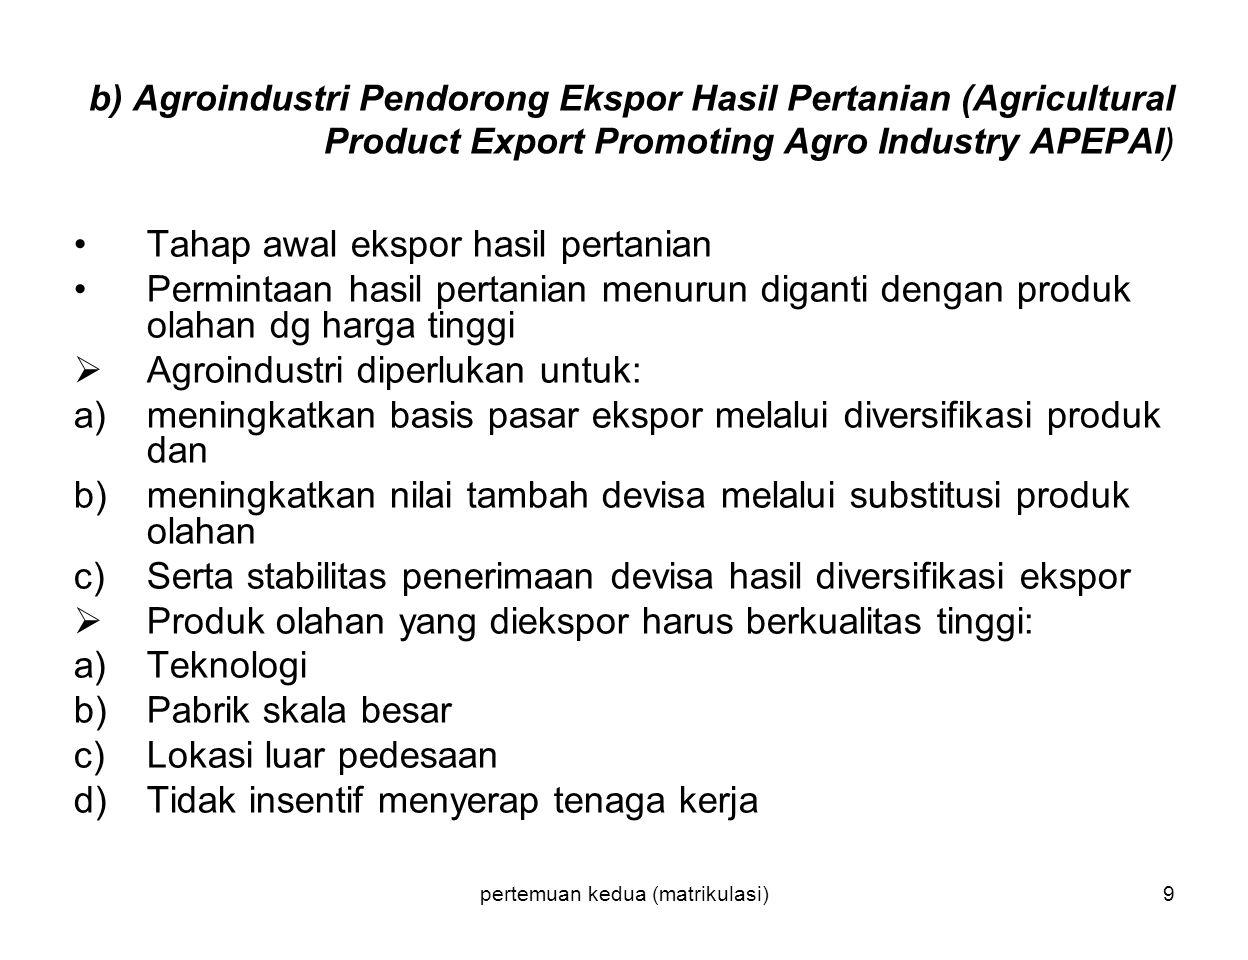 pertemuan kedua (matrikulasi)9 b) Agroindustri Pendorong Ekspor Hasil Pertanian (Agricultural Product Export Promoting Agro Industry APEPAI) Tahap awa